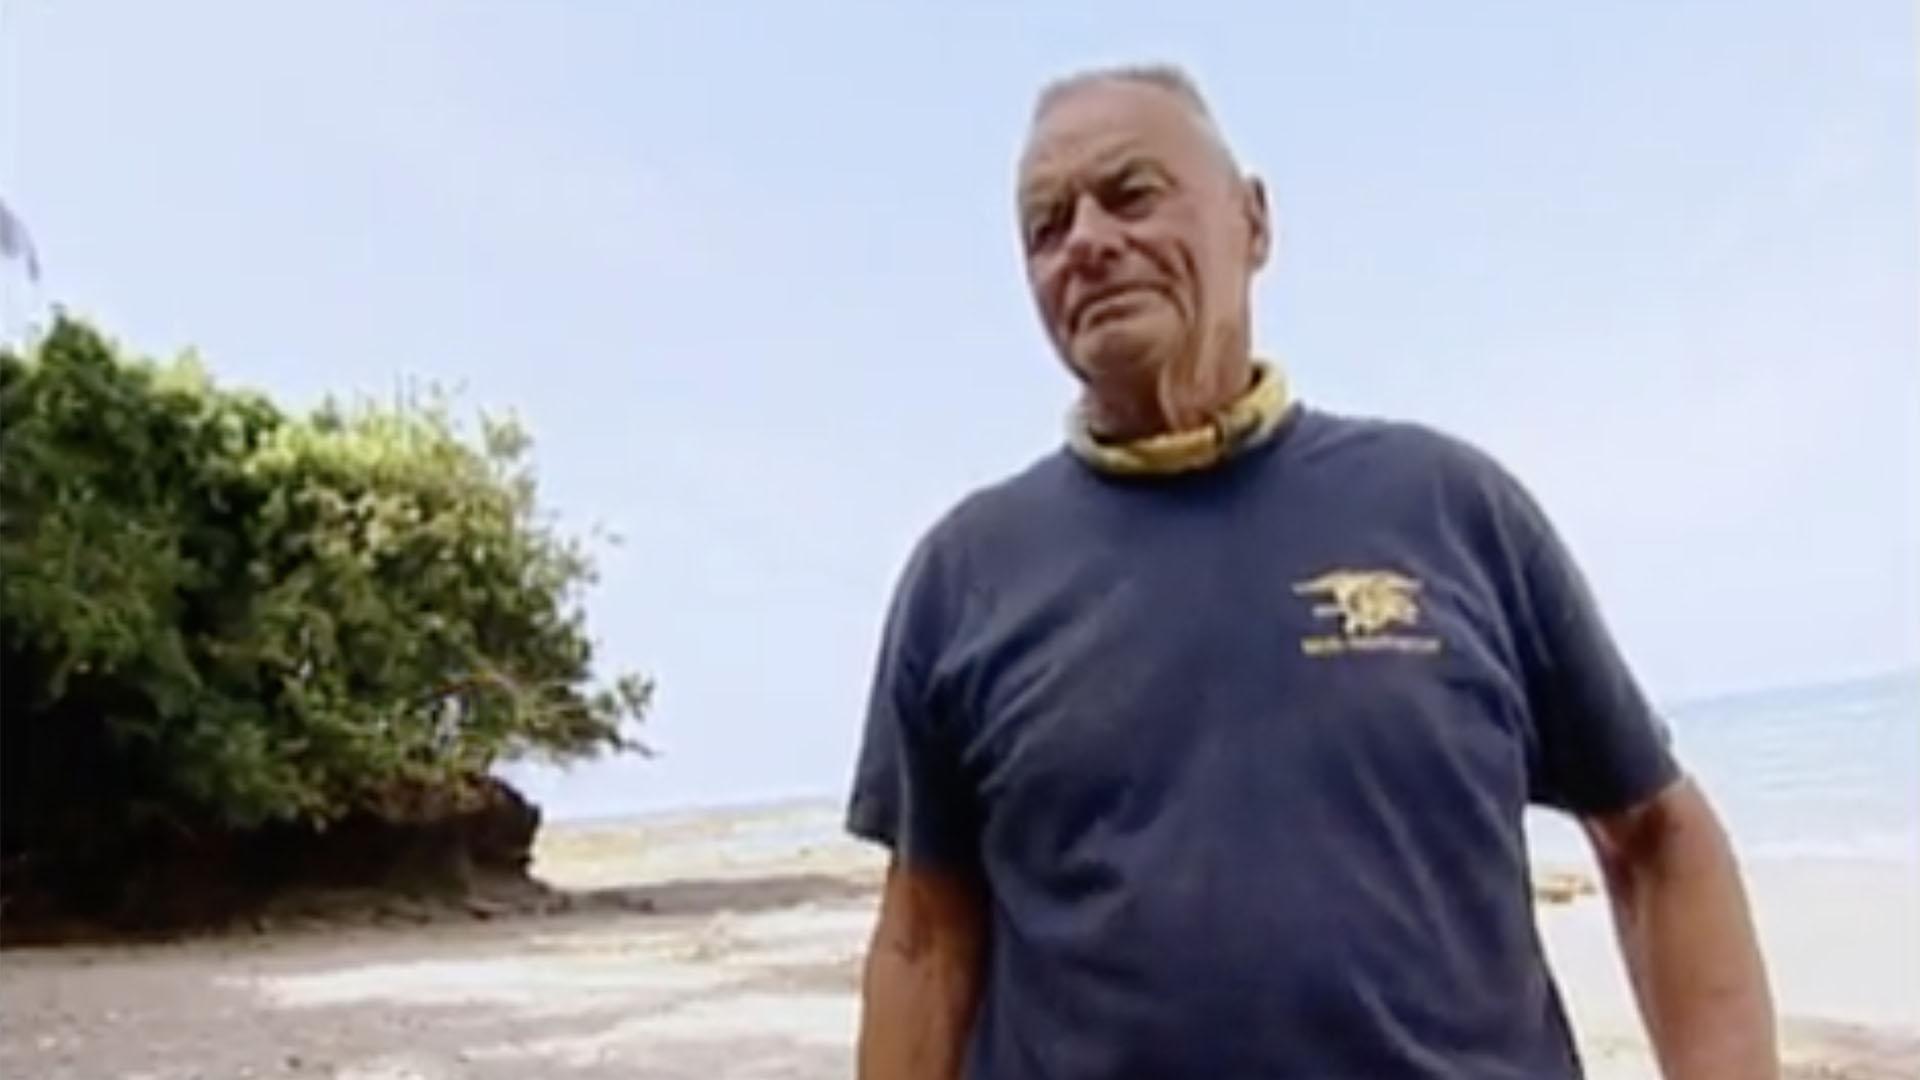 Oldest castaway ever: Rudy Boesch, 75